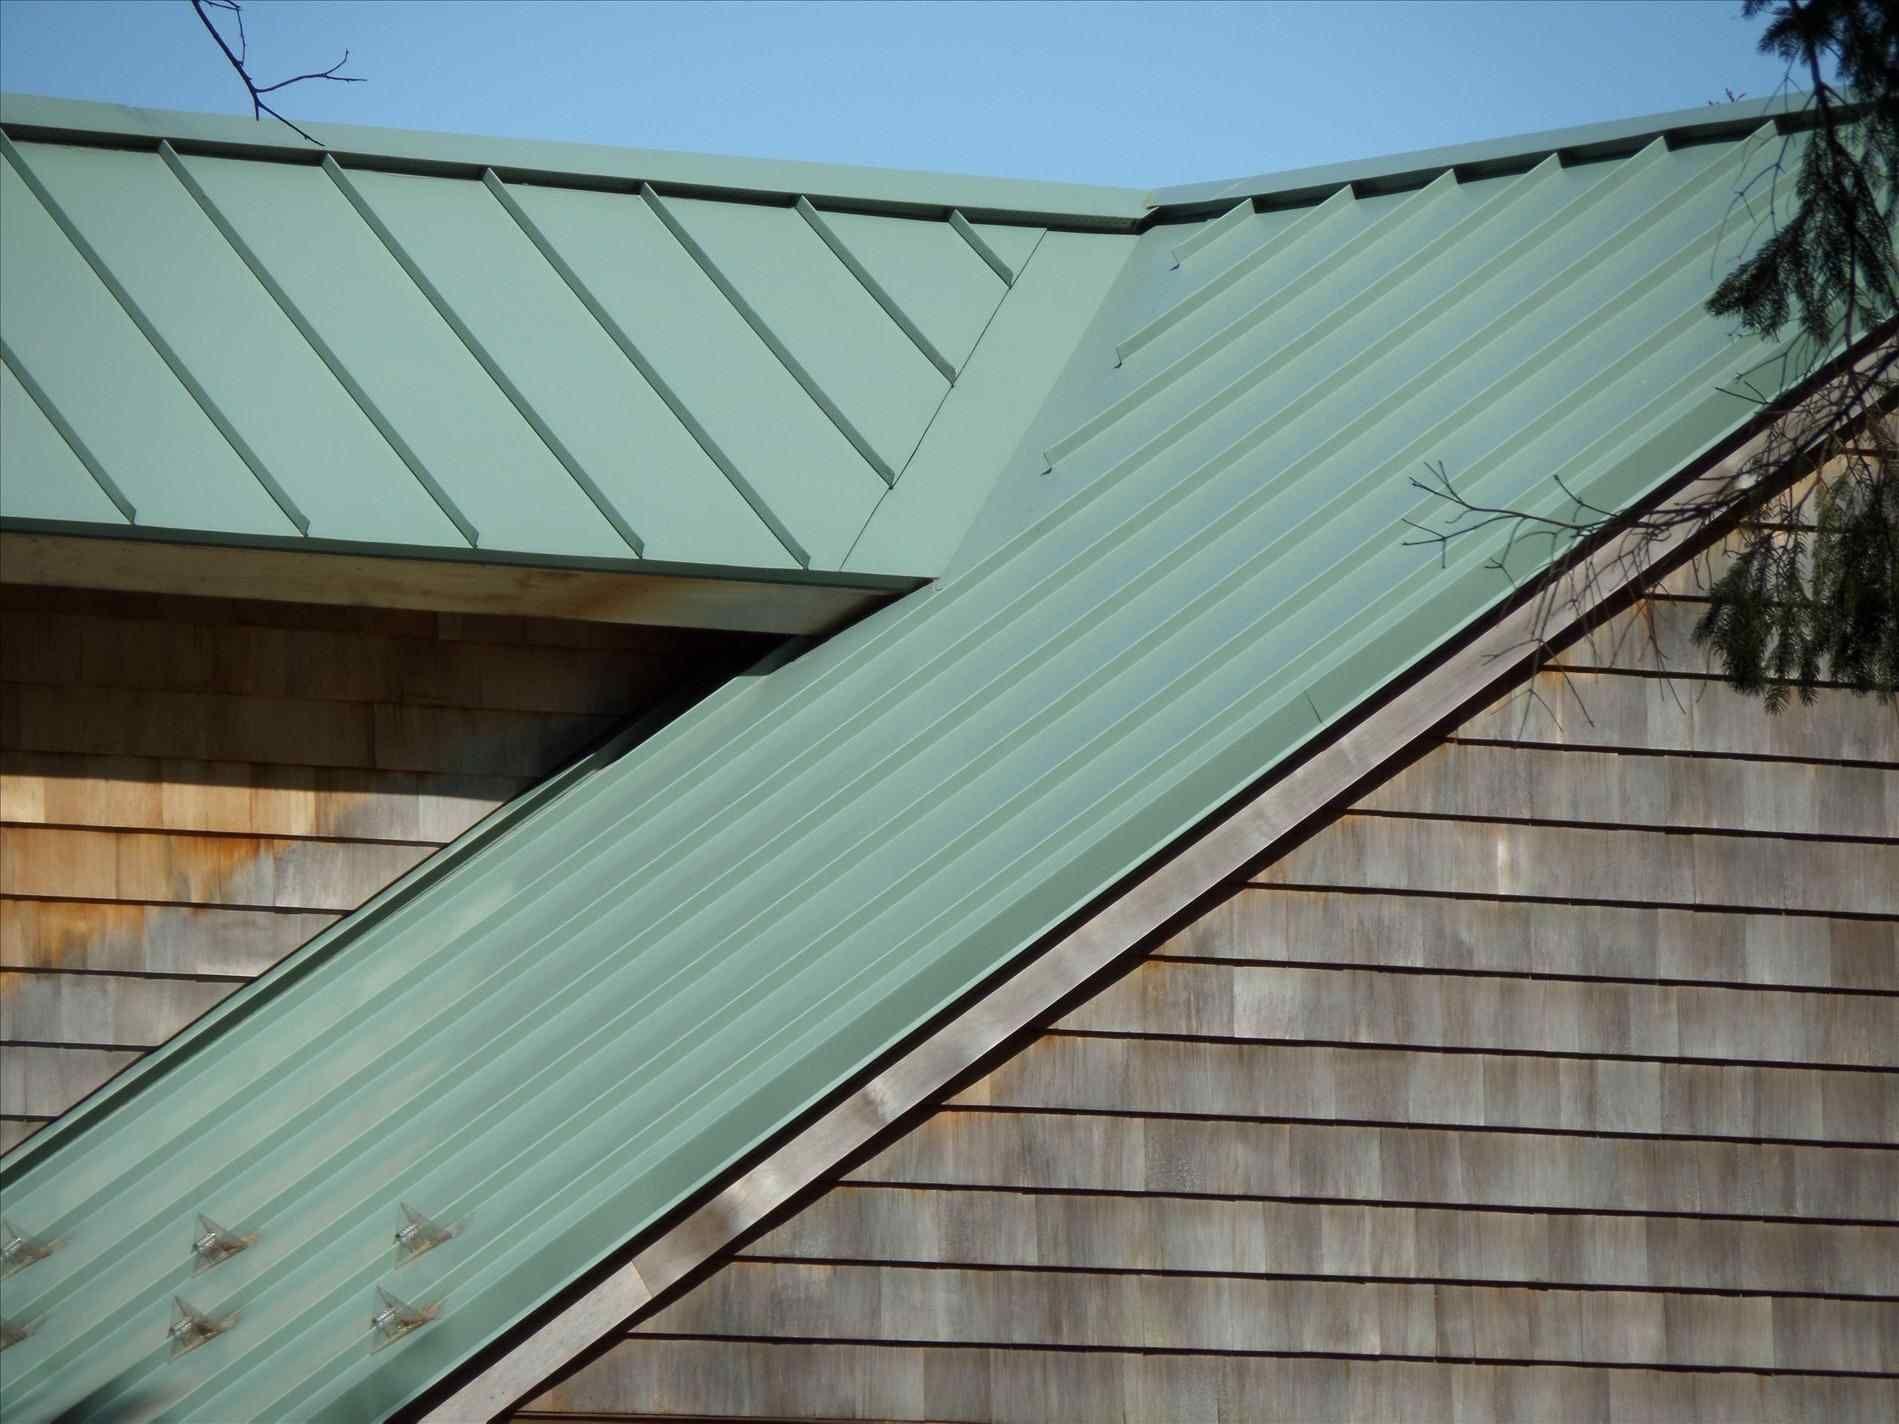 Metal Roof Or Shingles Metal roof, Corrugated metal